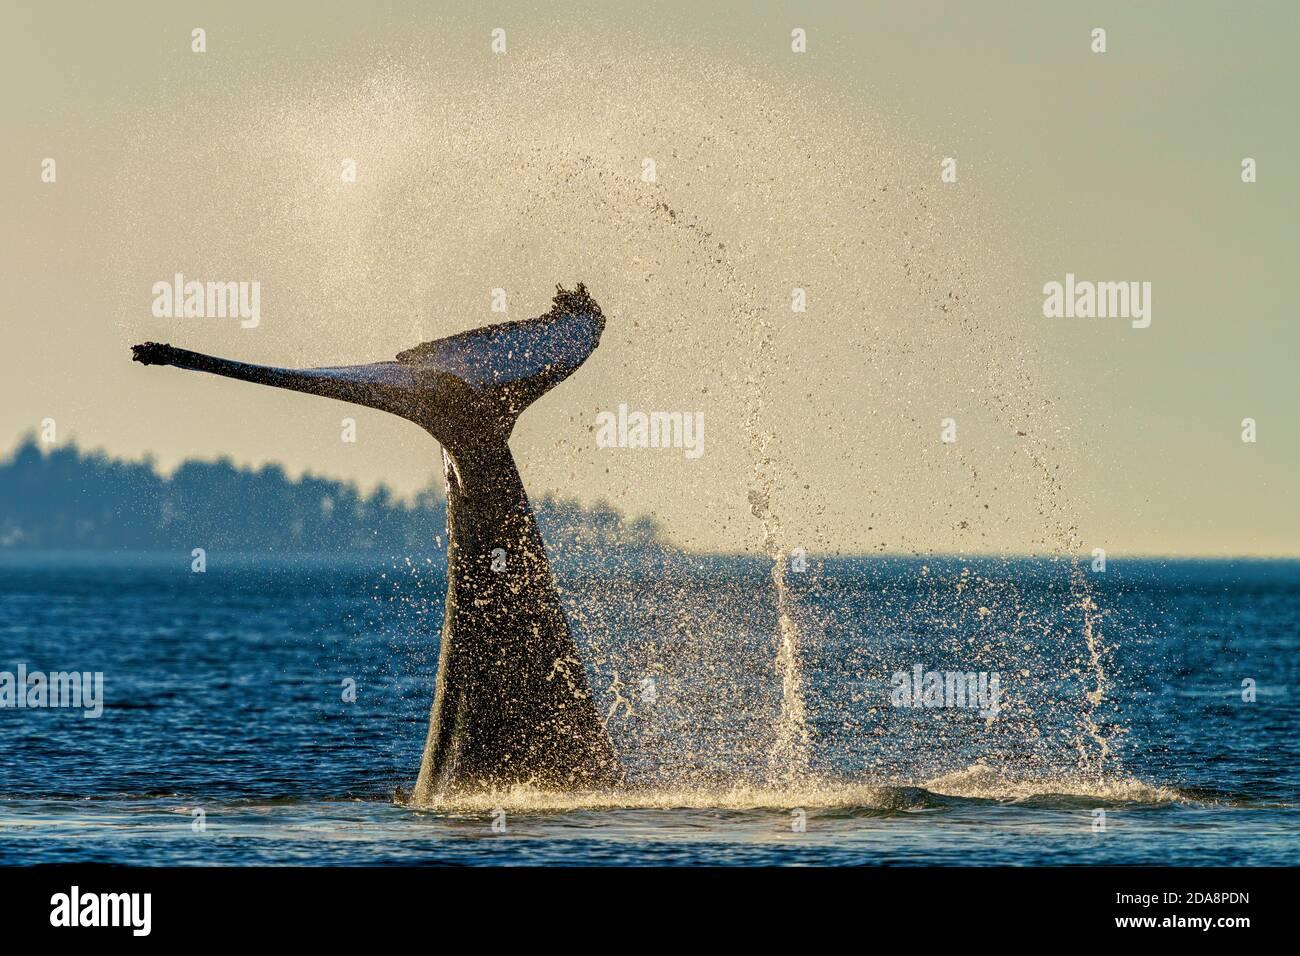 La cola de ballena jorobada golpea durante una tarde fuera de la isla de Vancouver, Columbia Británica, Canadá Foto de stock